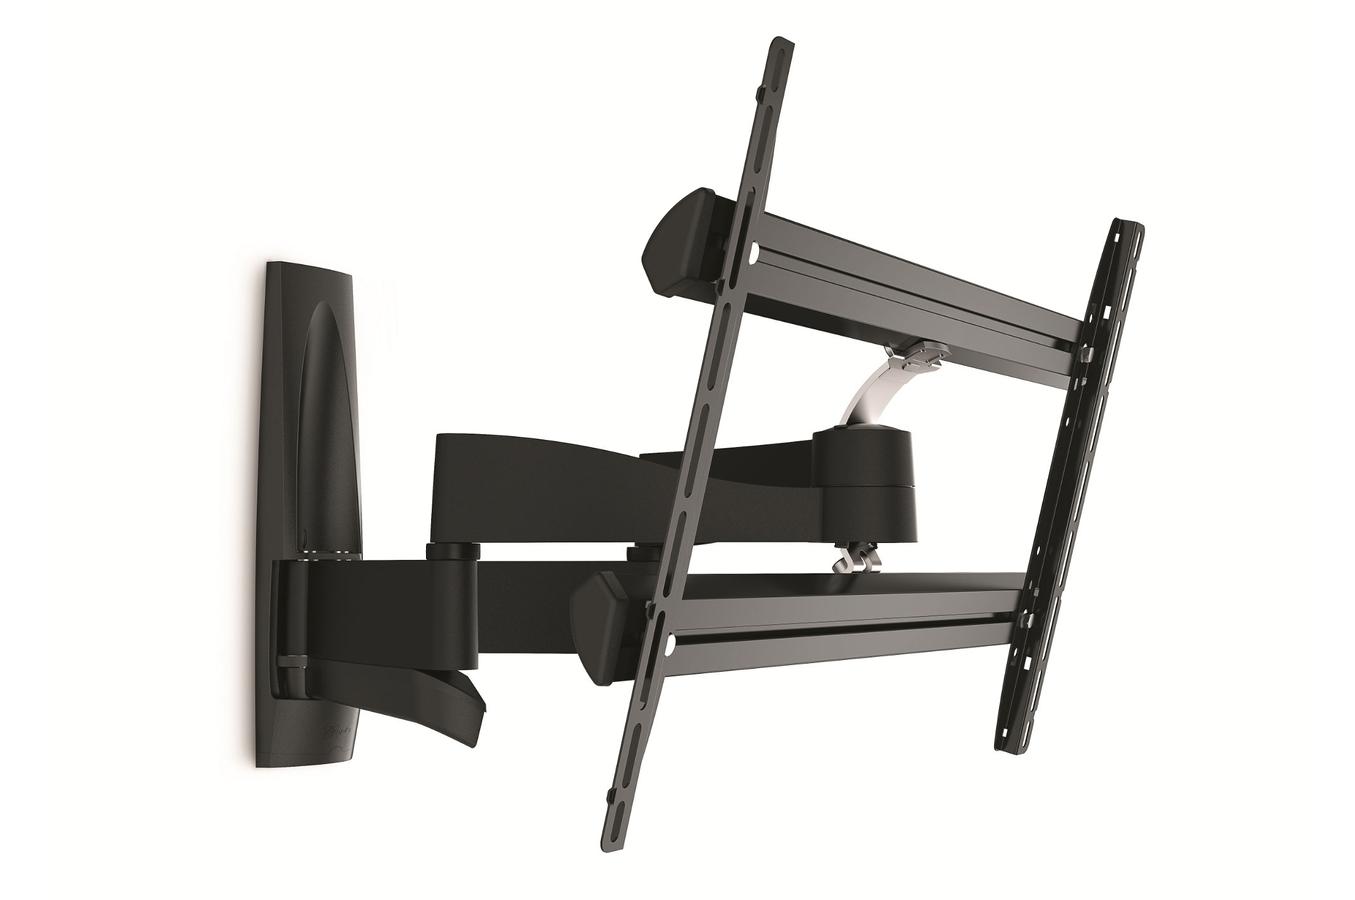 support mural pour cran plat vogel 39 s wall2350 bk 4158652. Black Bedroom Furniture Sets. Home Design Ideas